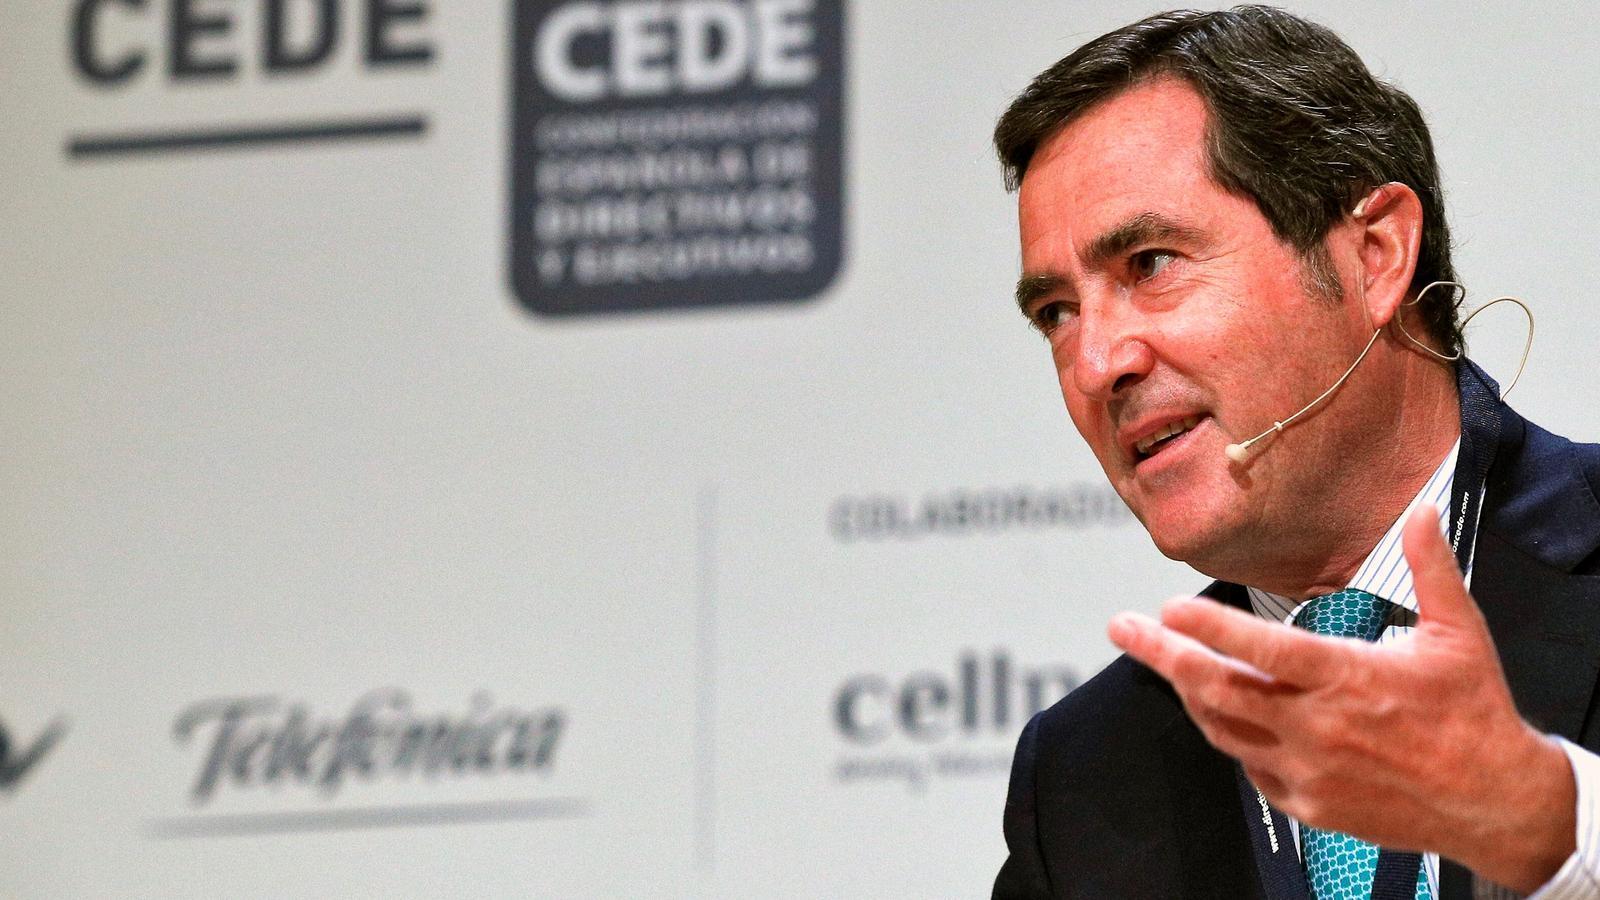 El president de la patronal CEOE, Antonio Garamendi, al congrés de la Confederación Española de Directivos i Ejecutivos (CEDE) celebrat a València